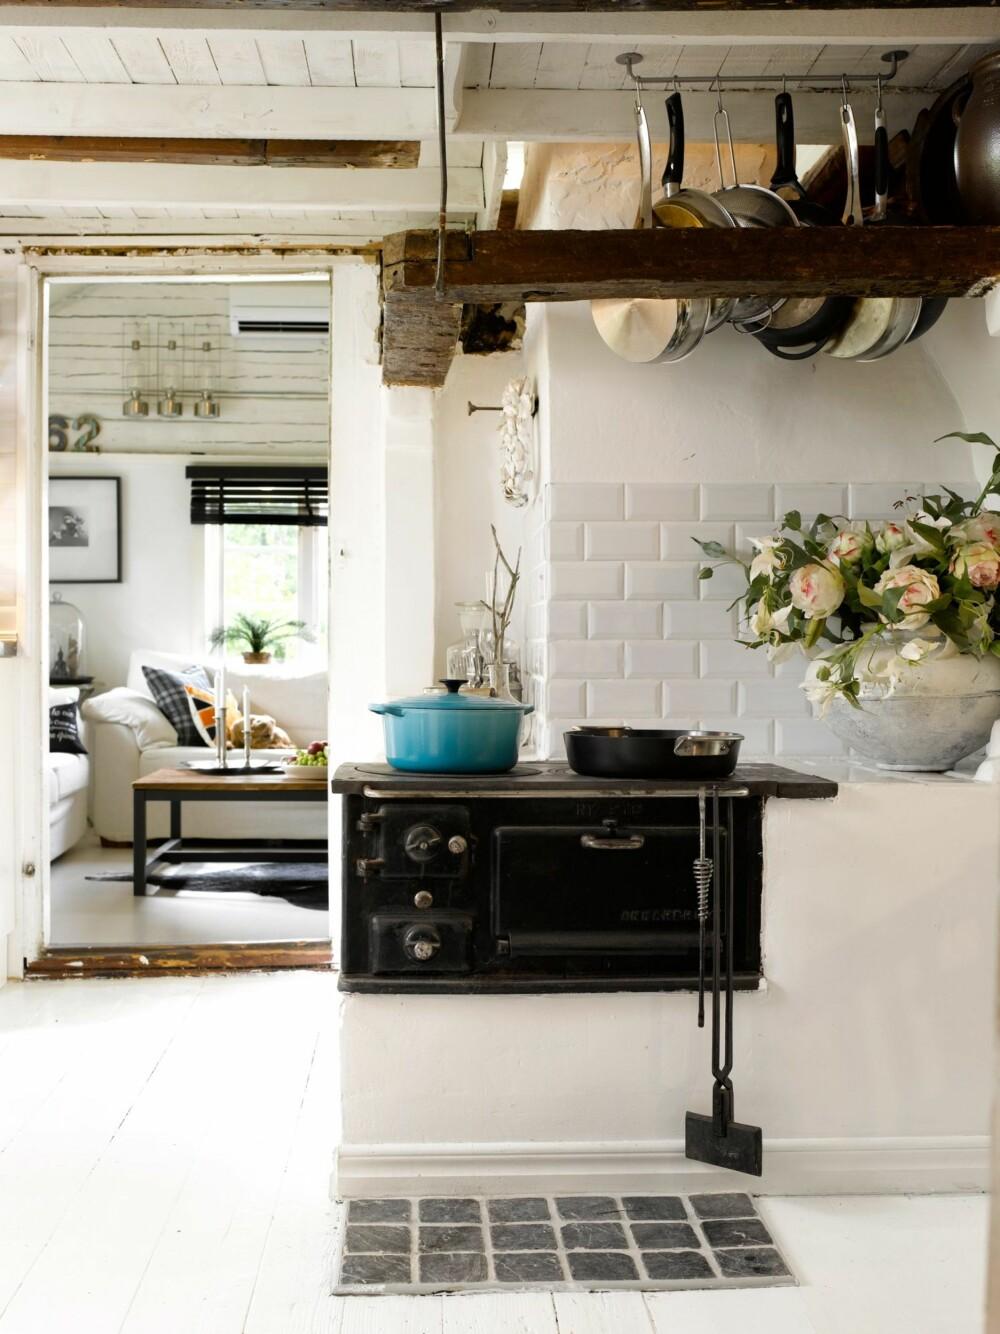 """NOSTALGISK OVN: Bevar eller sett inn en gammel  ovn for et autentisk utrykk. Den gamle ovnen på bildet her er fortsatt i bruk, og stammer fra 1940/50-tallet. En tøff, turkis jerngryte er et friskt innslag, og et viktig element for å """"få stilen"""" er å henge opp gryter eller annet kjøkkenredskap synlig."""